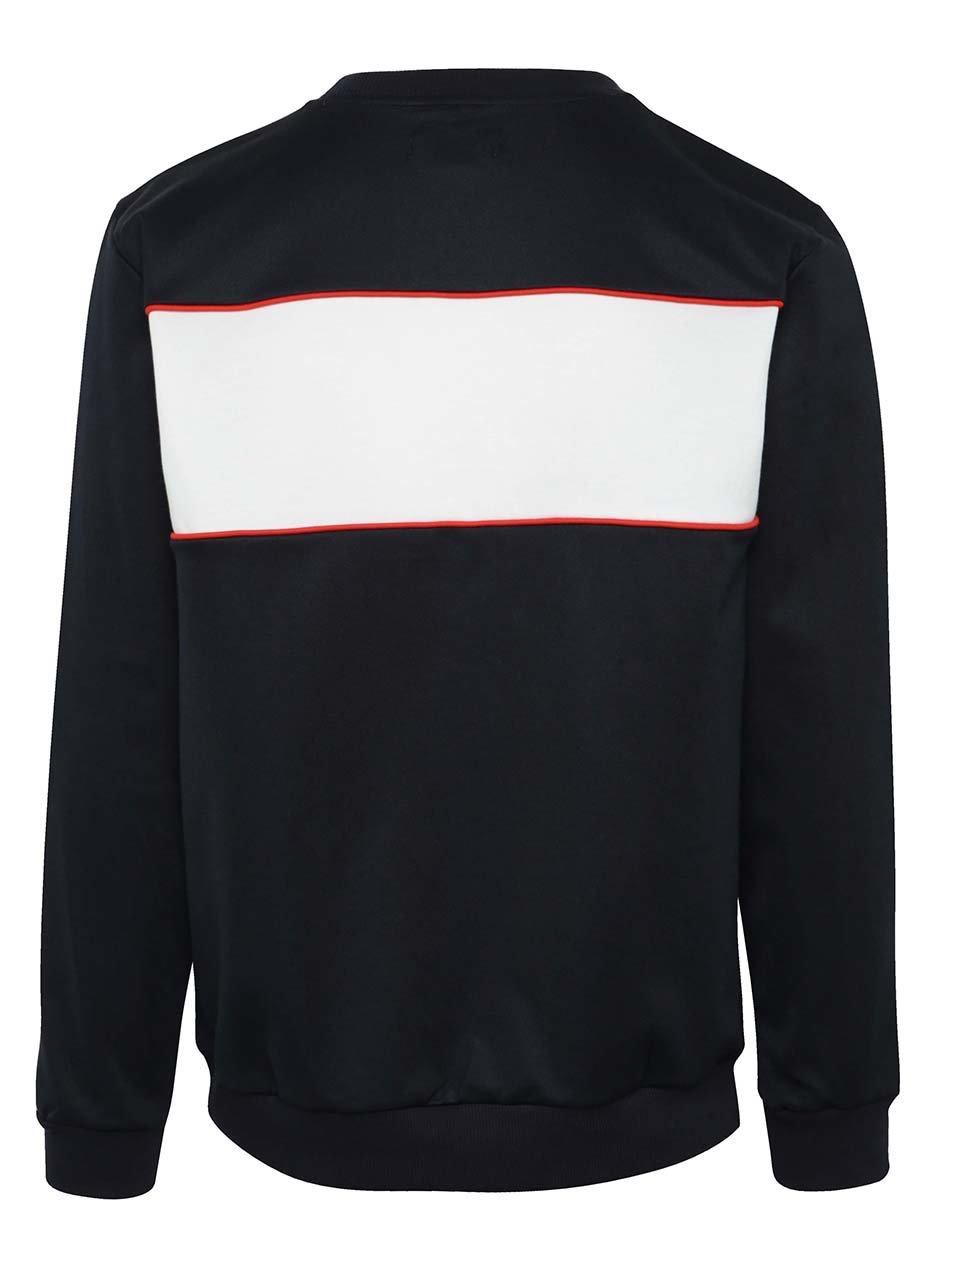 Tmavomodrá pánska mikina s logom adidas Originals ... 47ec90254b6